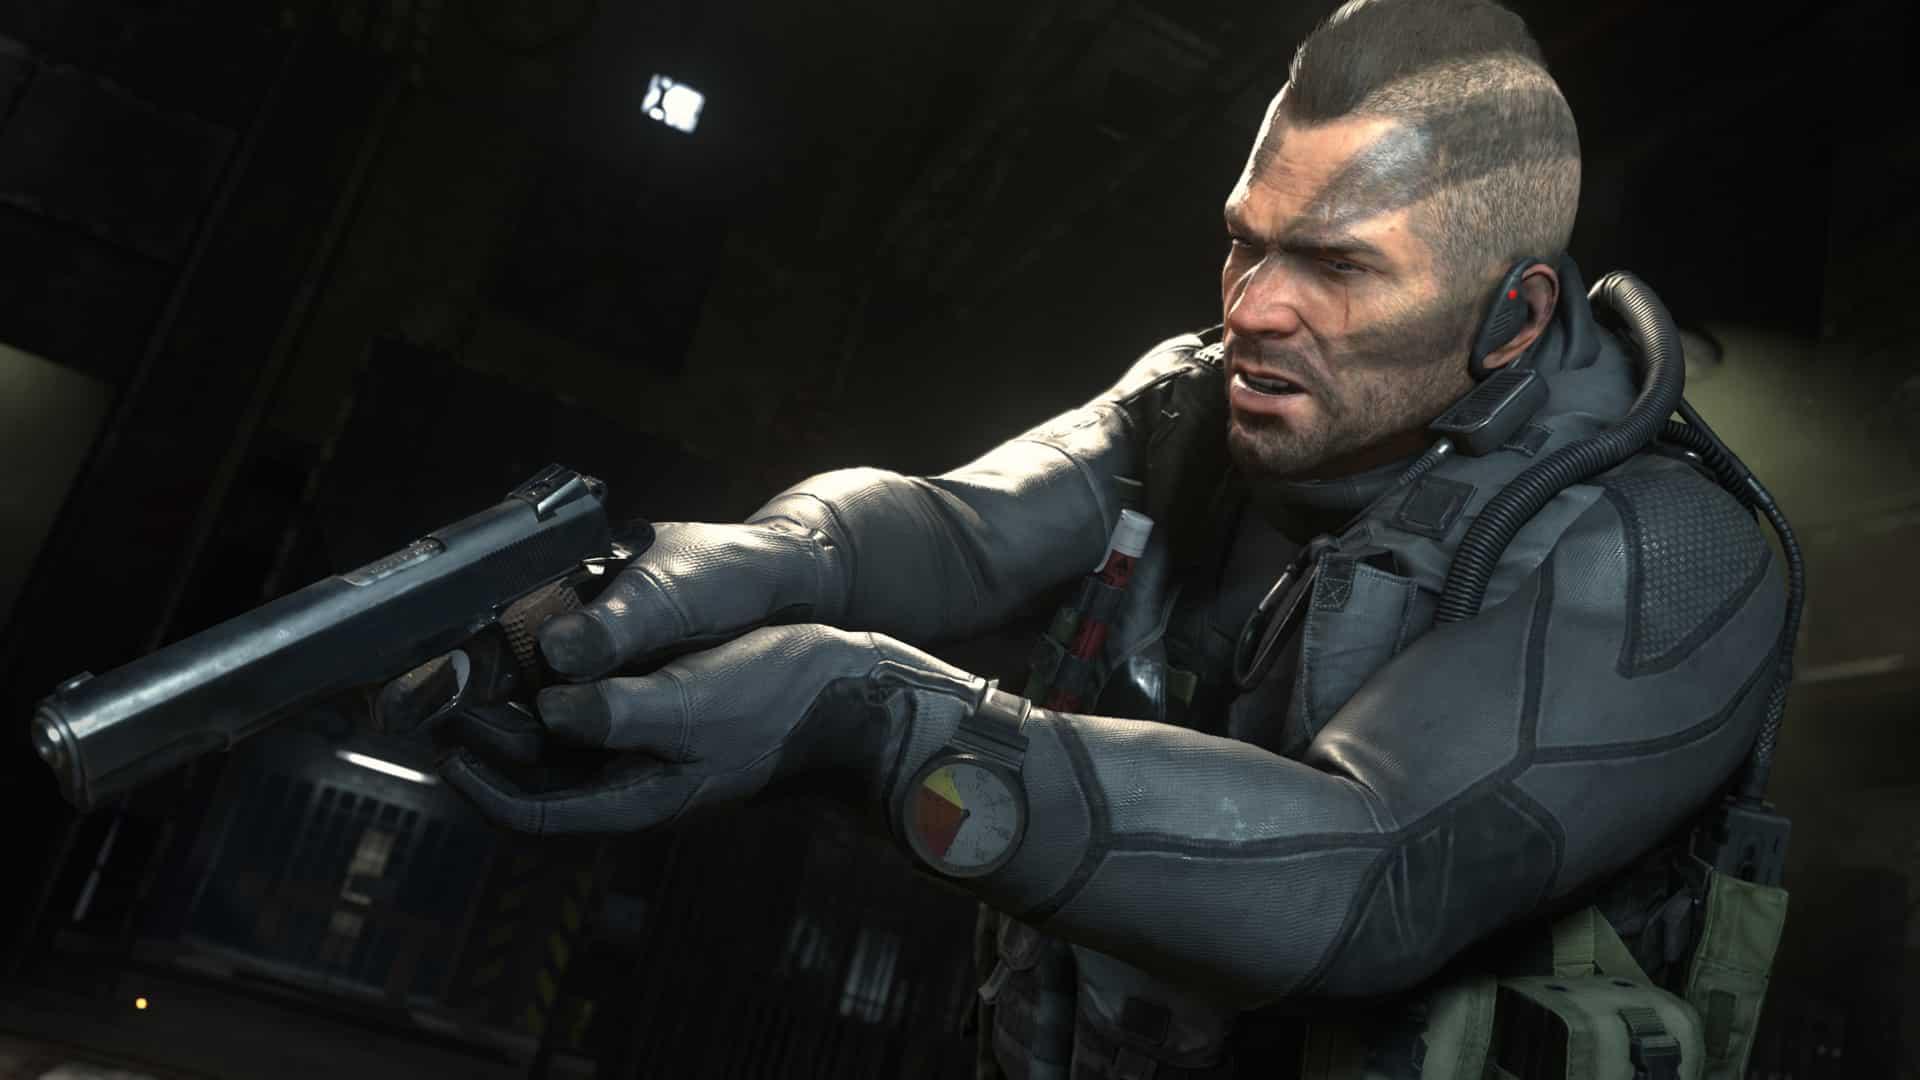 Filtrado el tráiler y capturas de Call of Duty Modern Warfare 2 Remastered